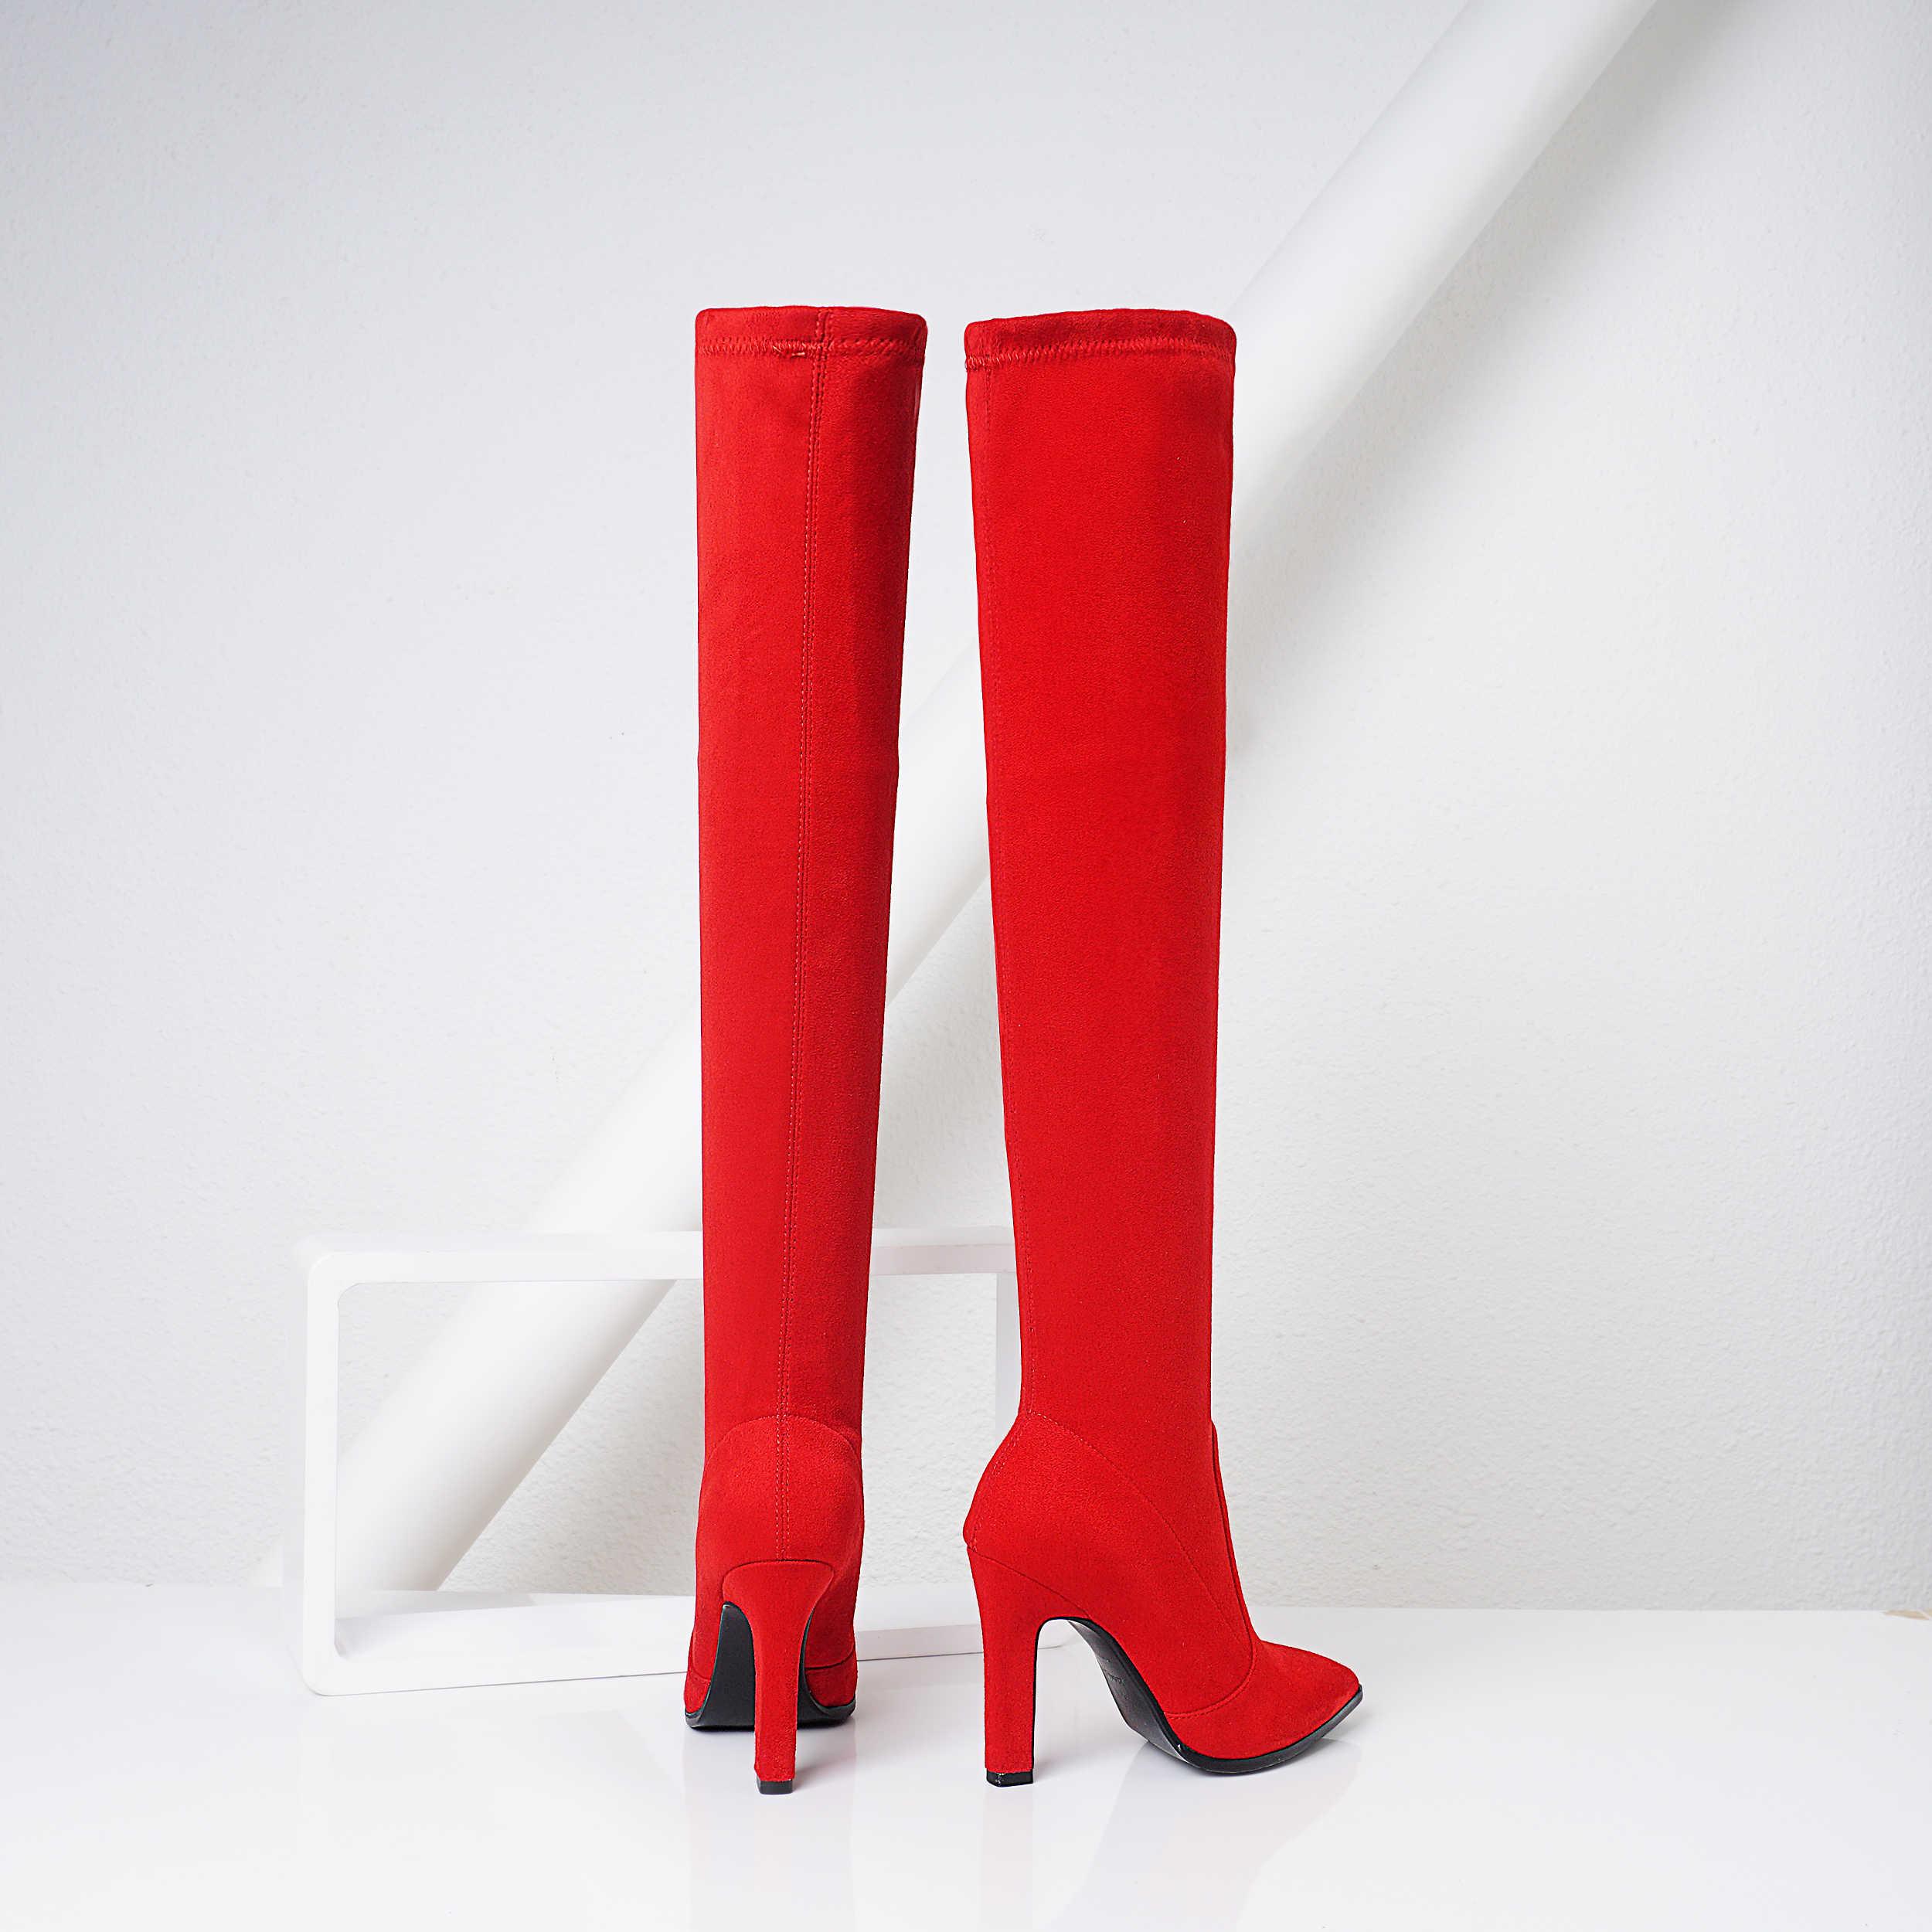 Czarne szare wino czerwone buty na obcasie buty do uda kobiety Sexy Pointed Toe Stretch Boors damskie buty na wysokim obcasie na buty do kolan zima